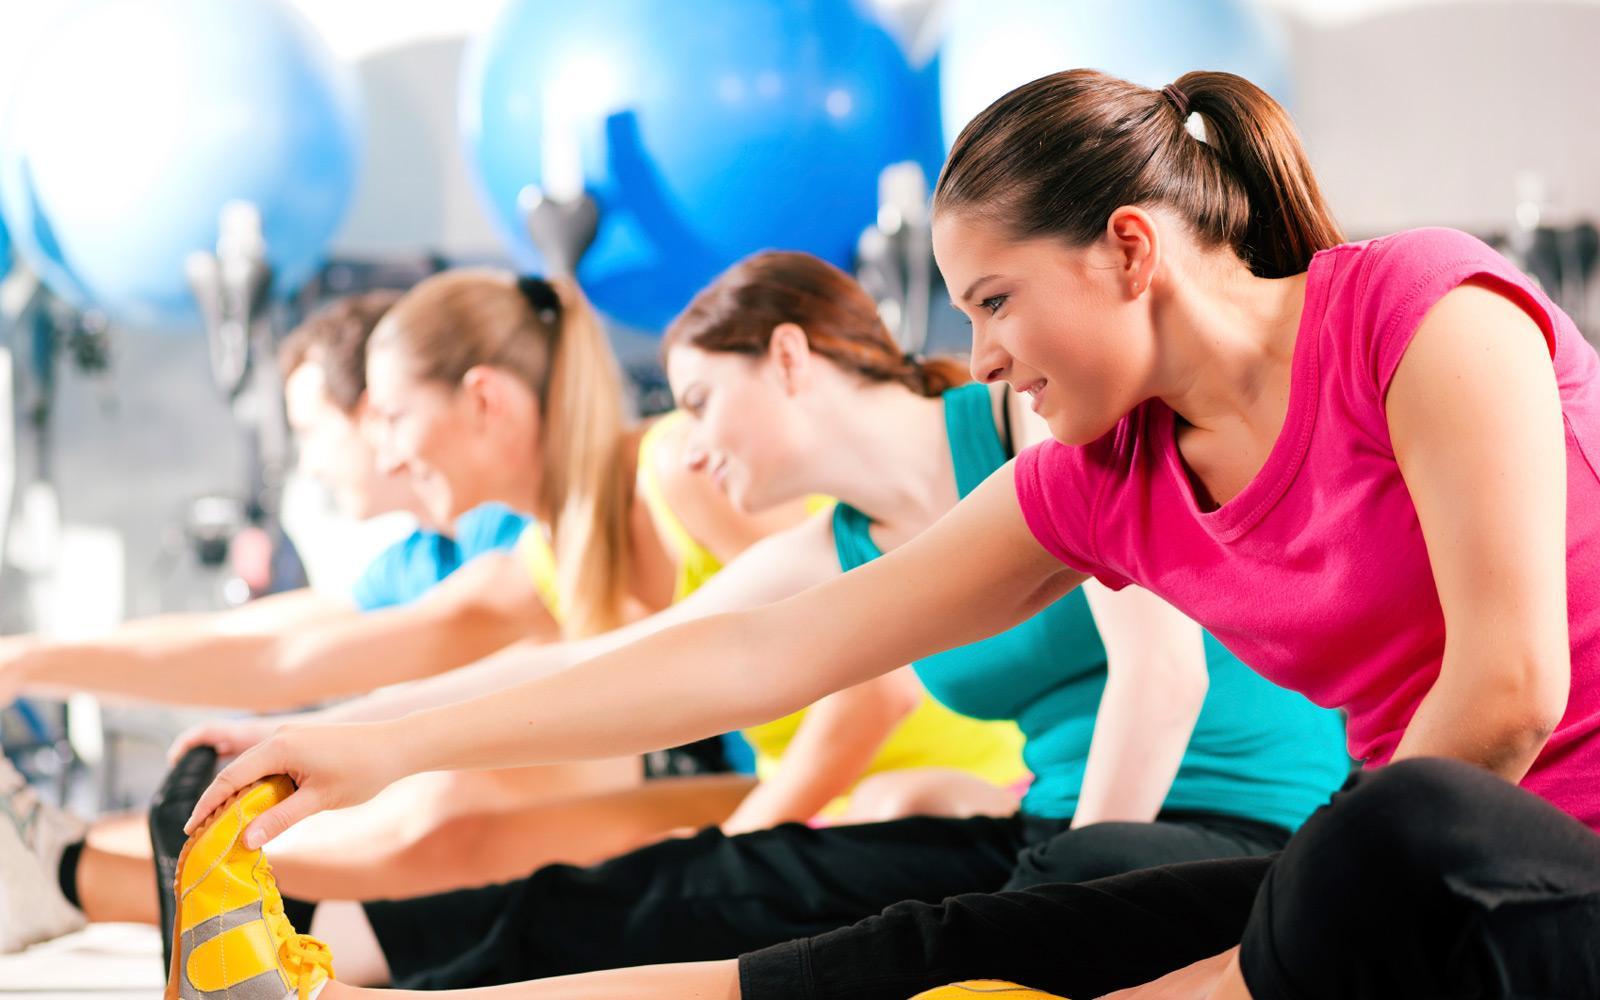 حرکات ورزشی لاغری